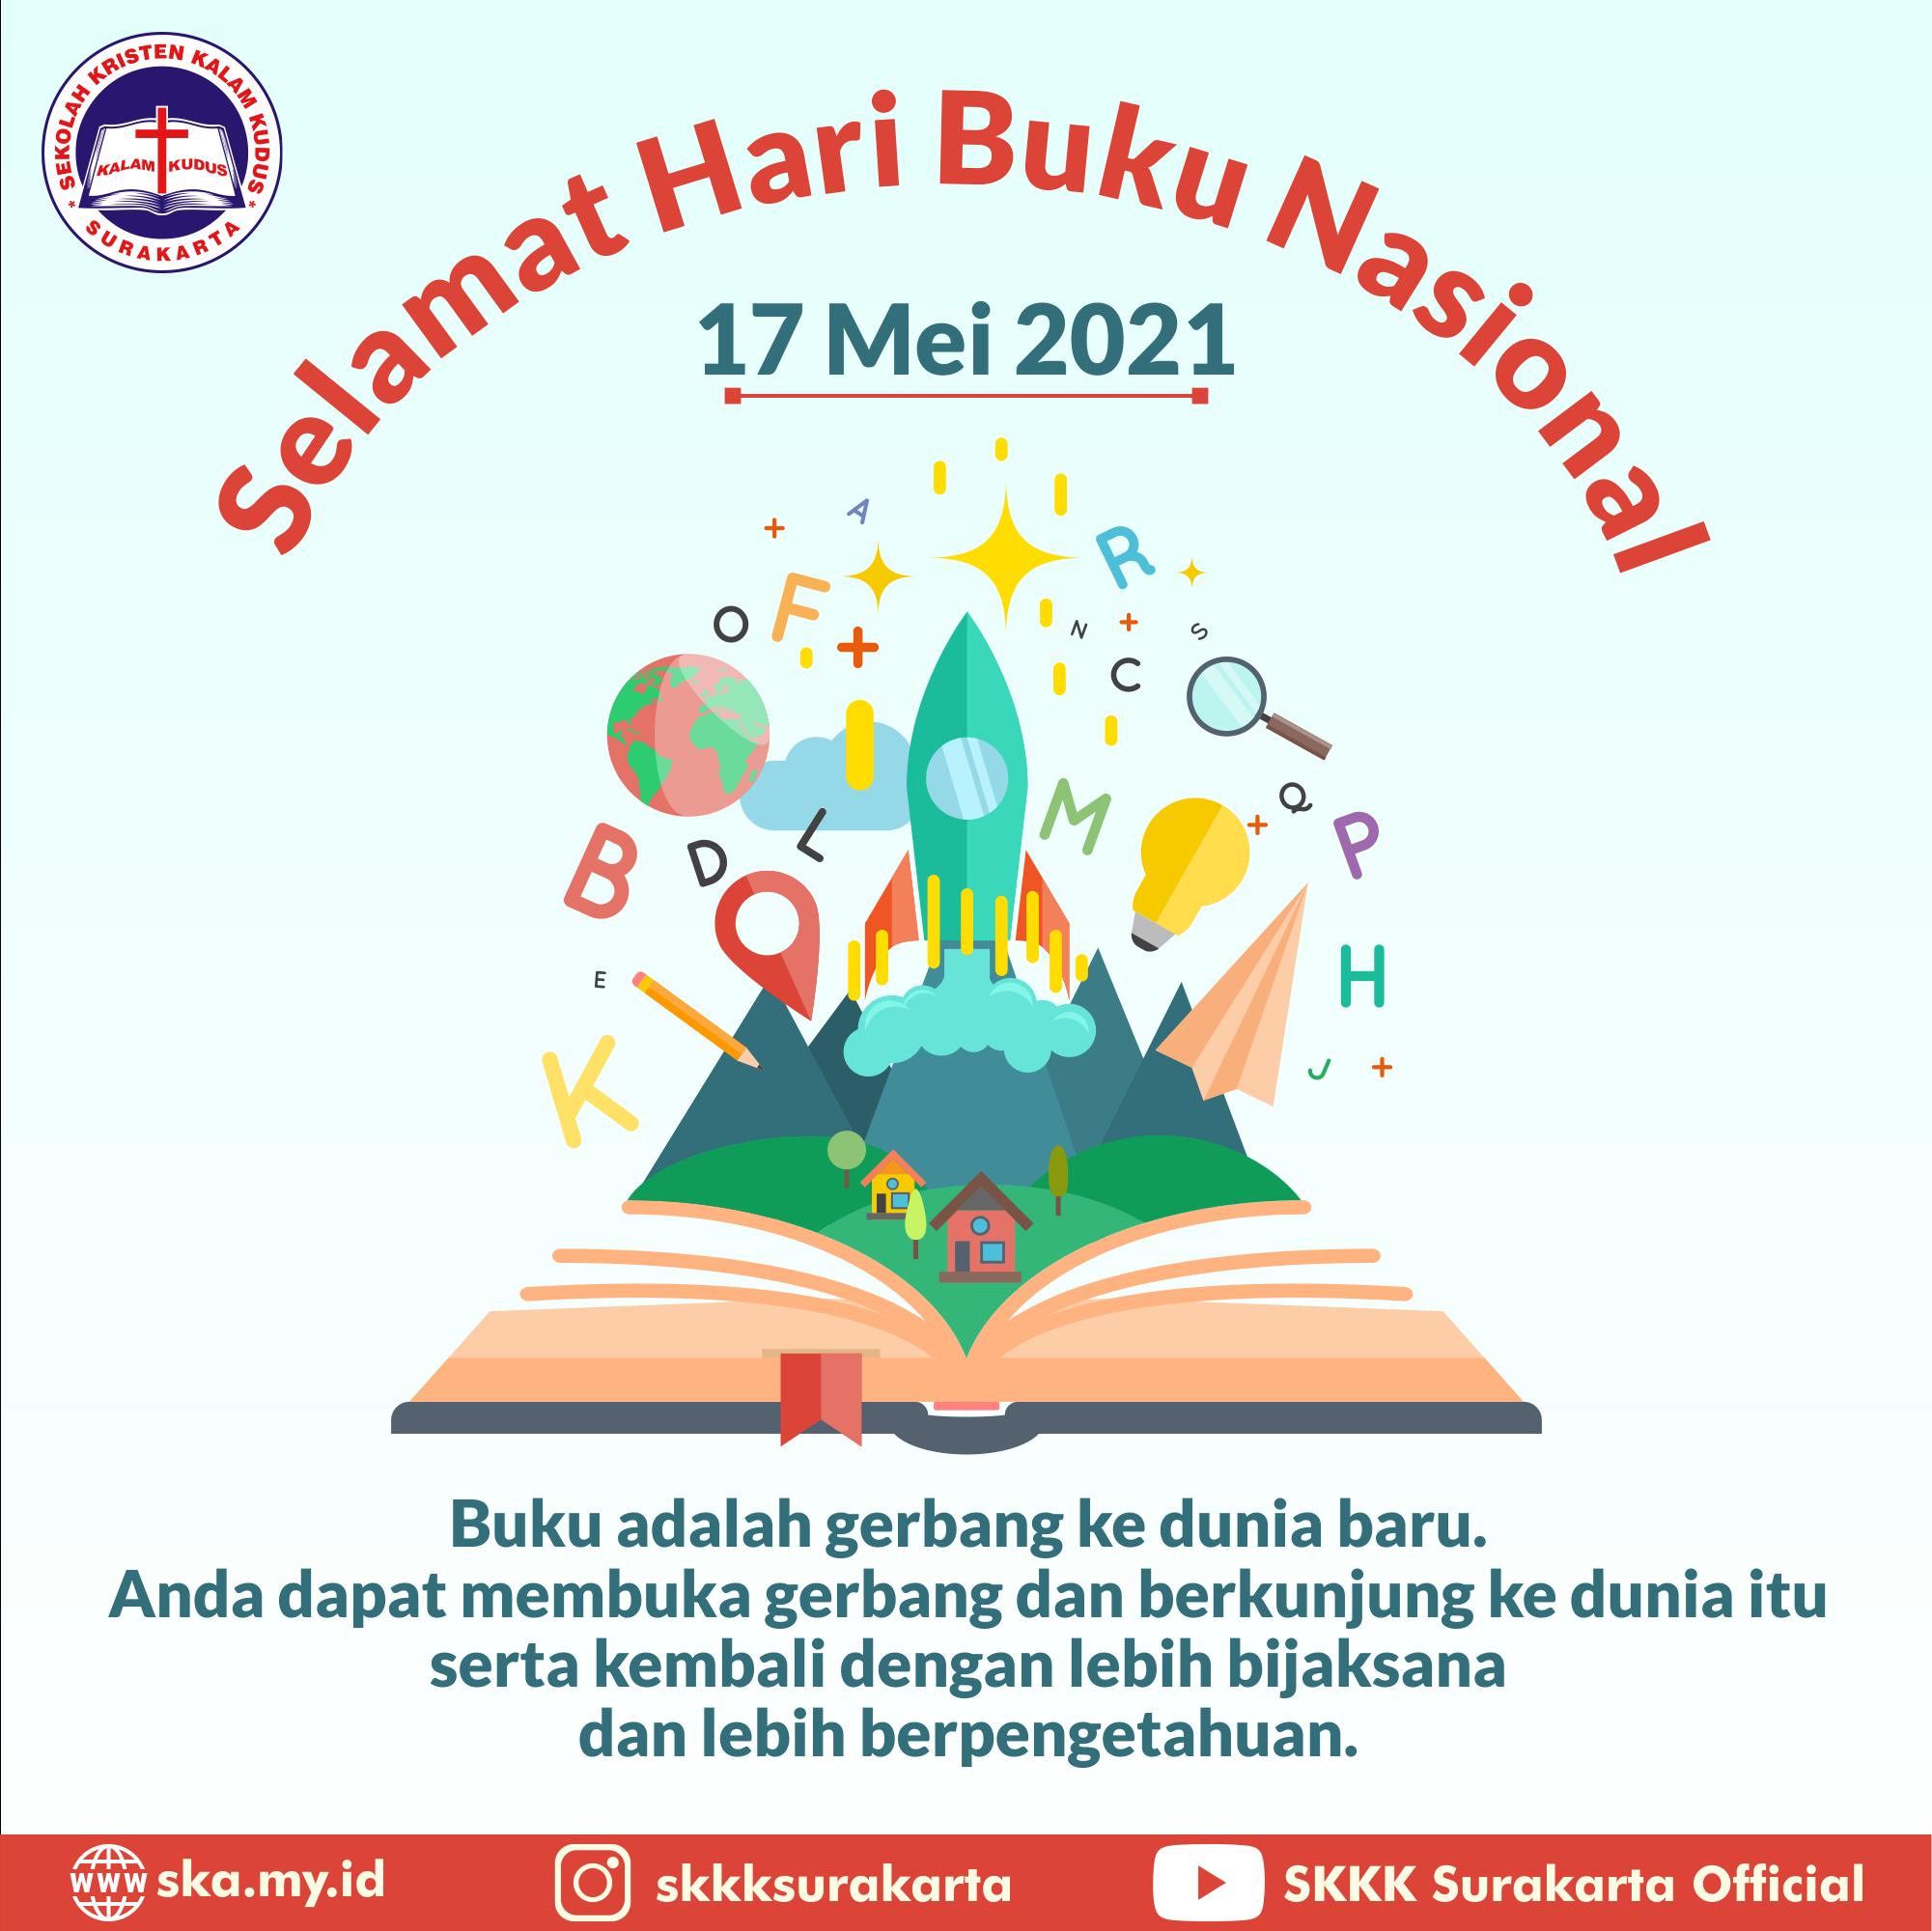 Selamat Hari Buku Nasional 2021